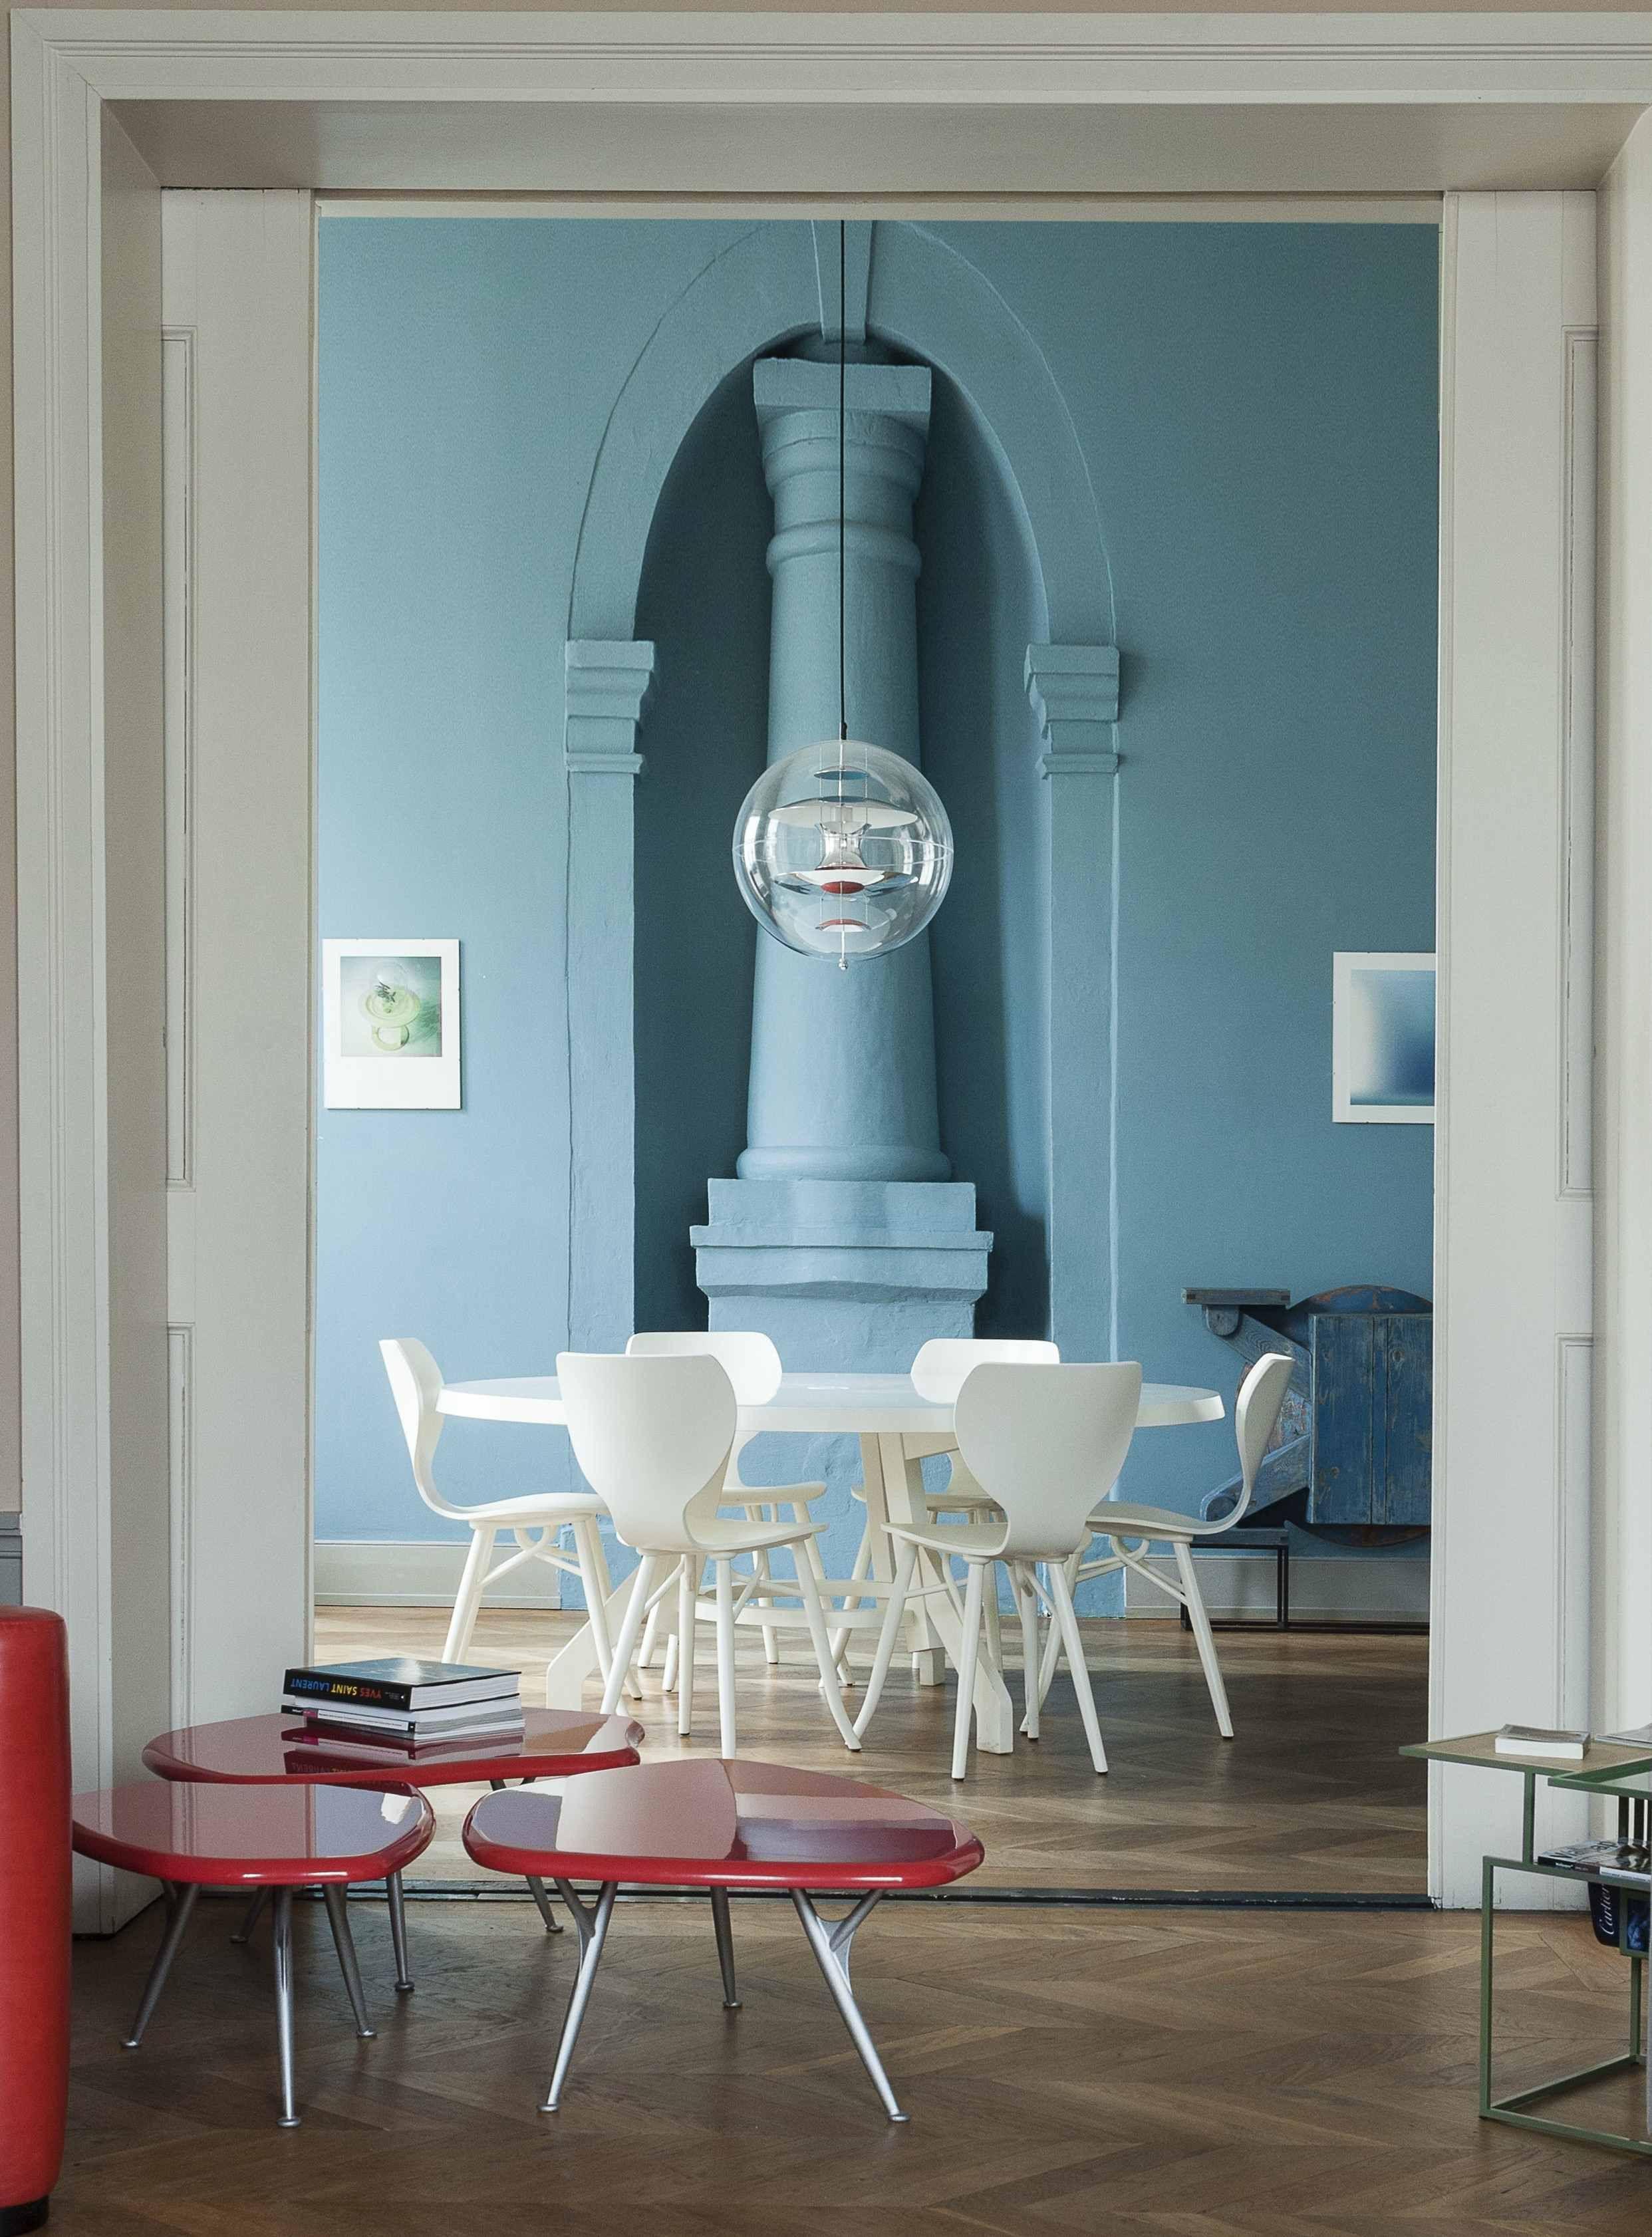 Linteloo tafel en stoelen, verkrijgbaar bij Top Interieur in Izegem ...